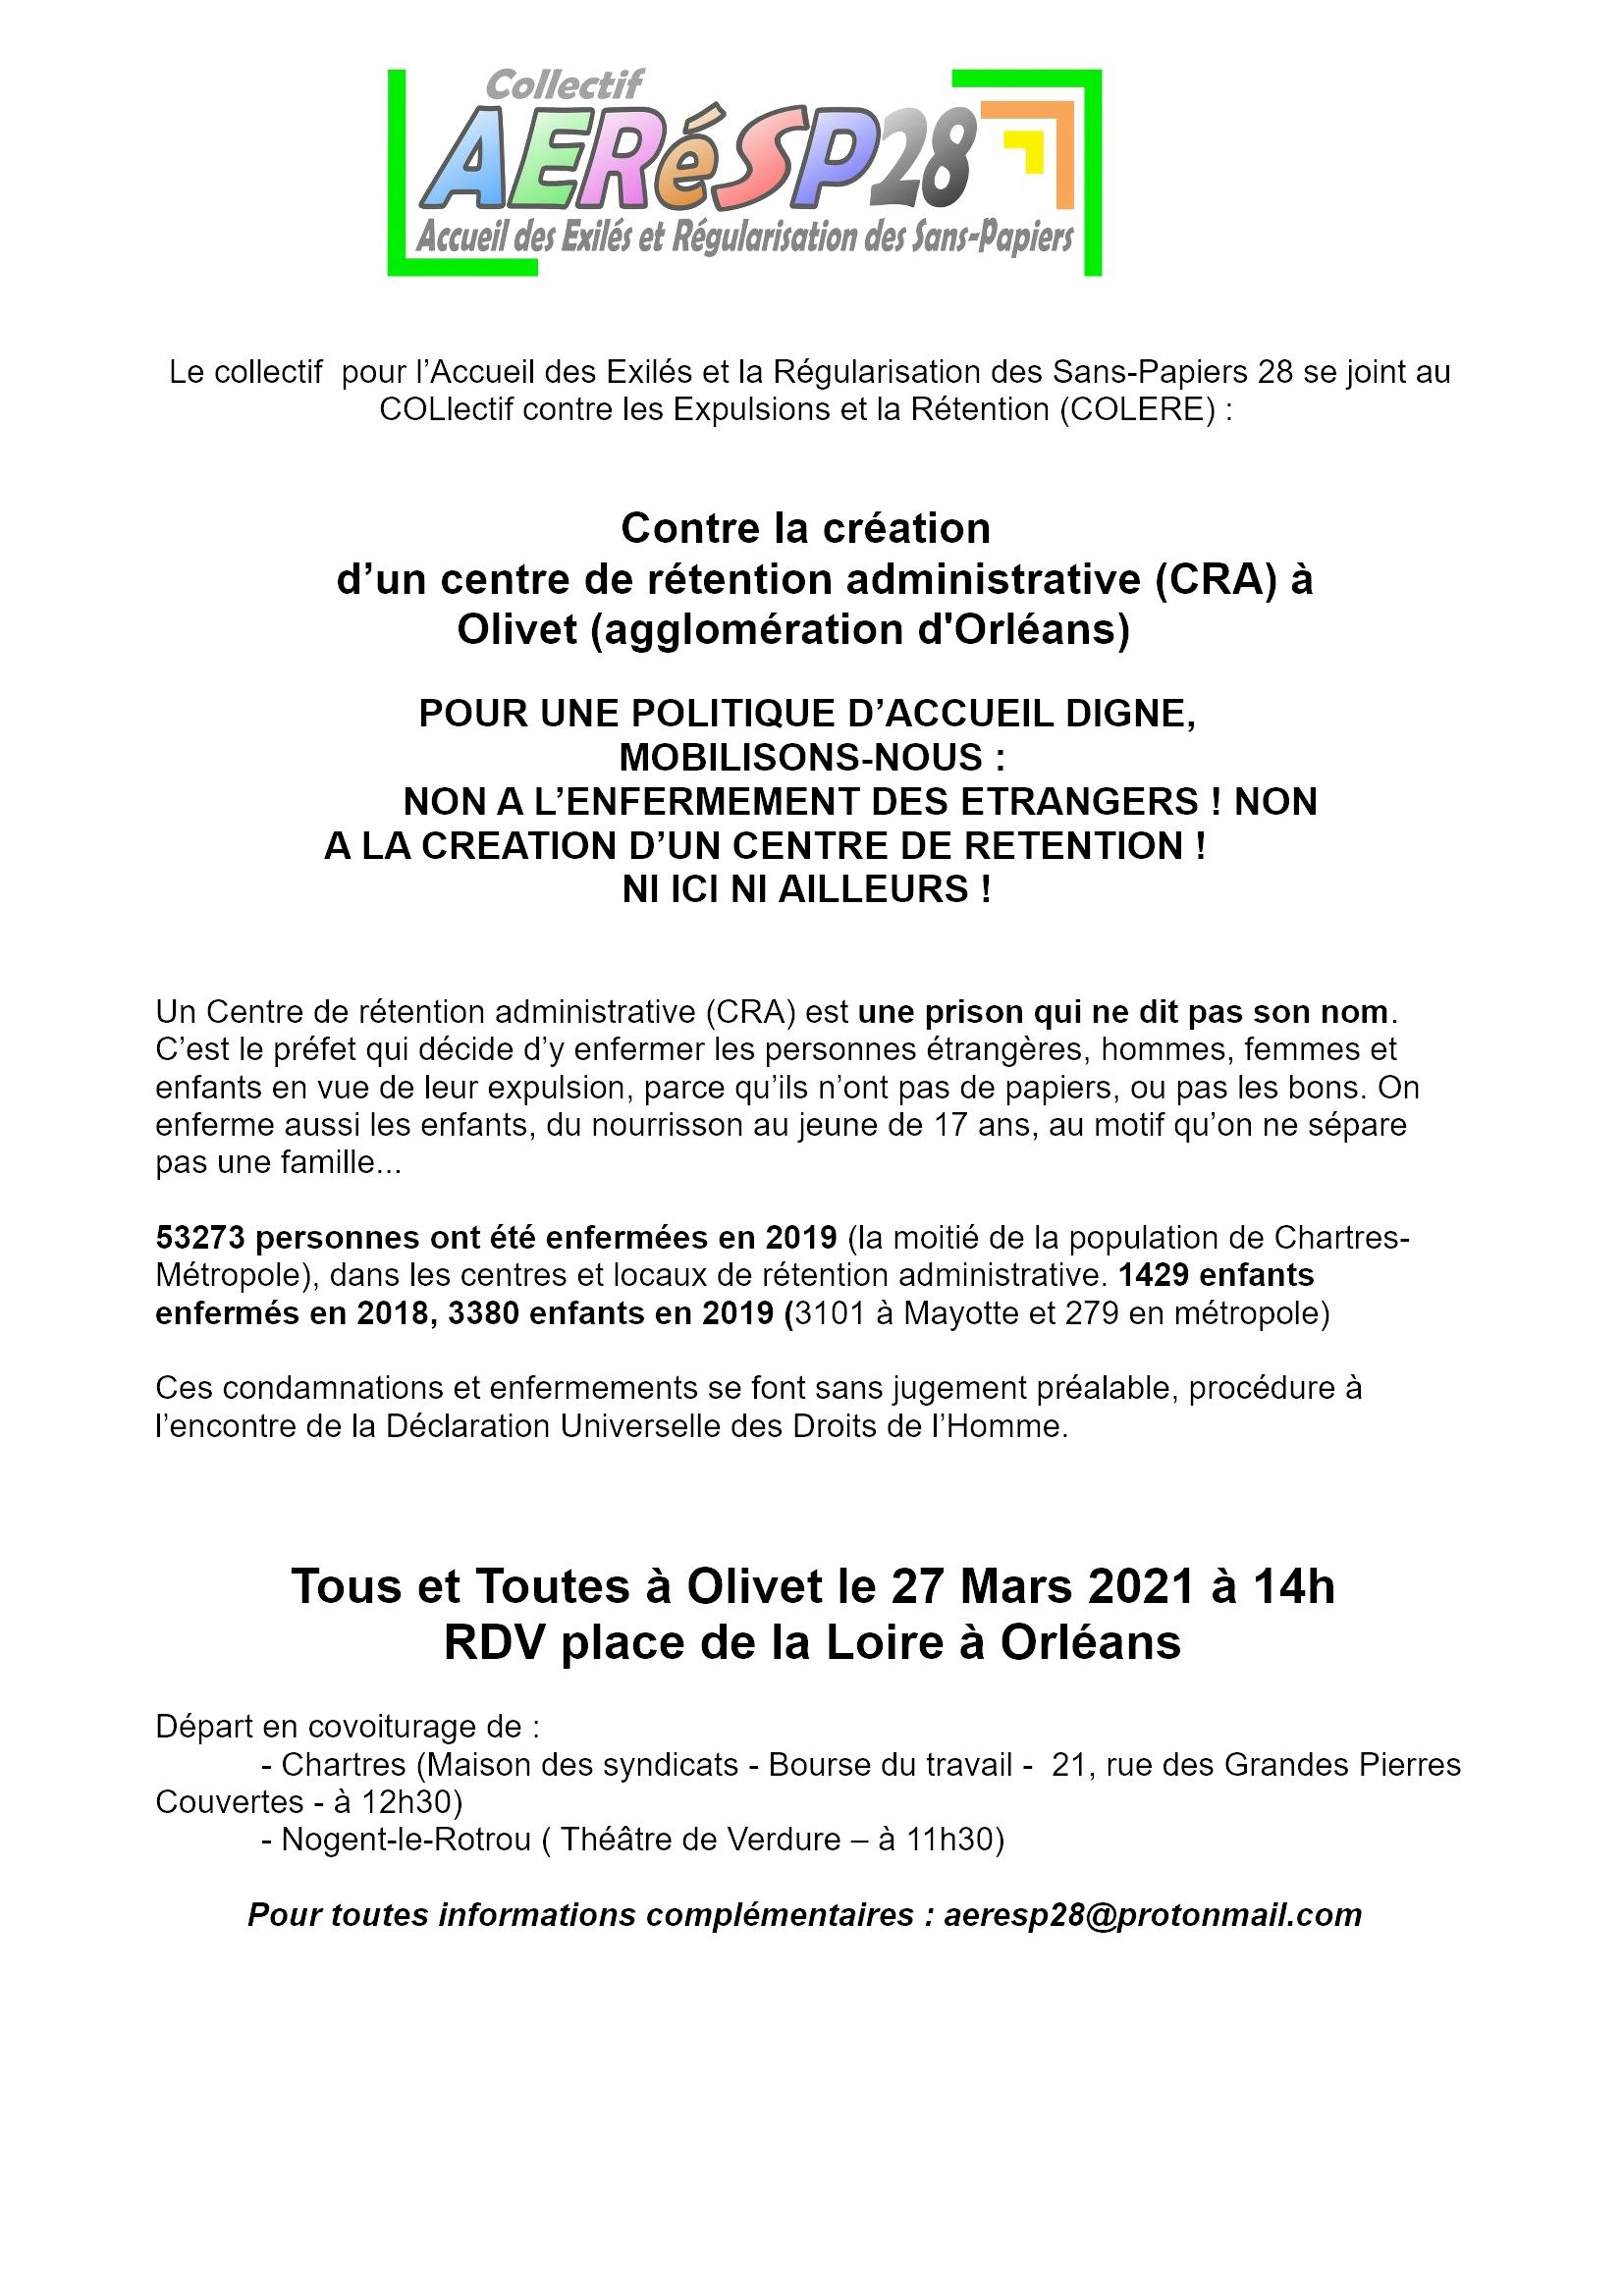 AERéSP 28 Tract Rassemblement Orléans-Olivet CRA 27-03-2021